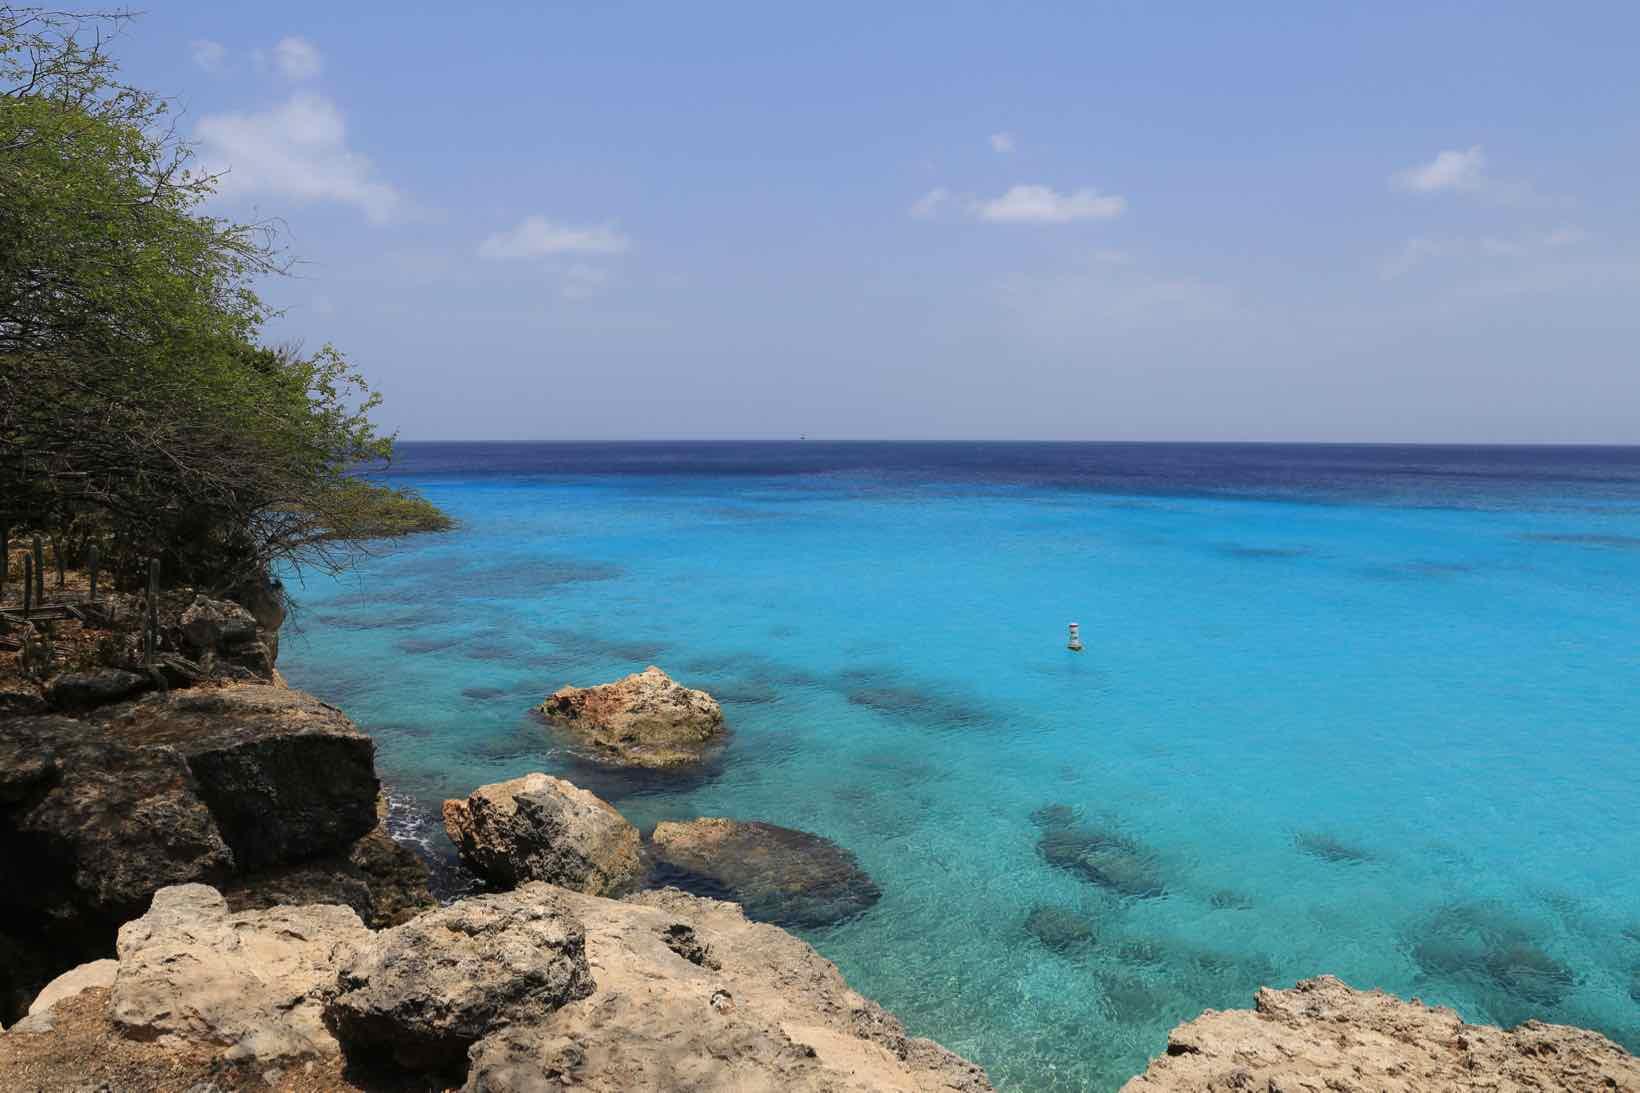 temporada de furacoes no caribe